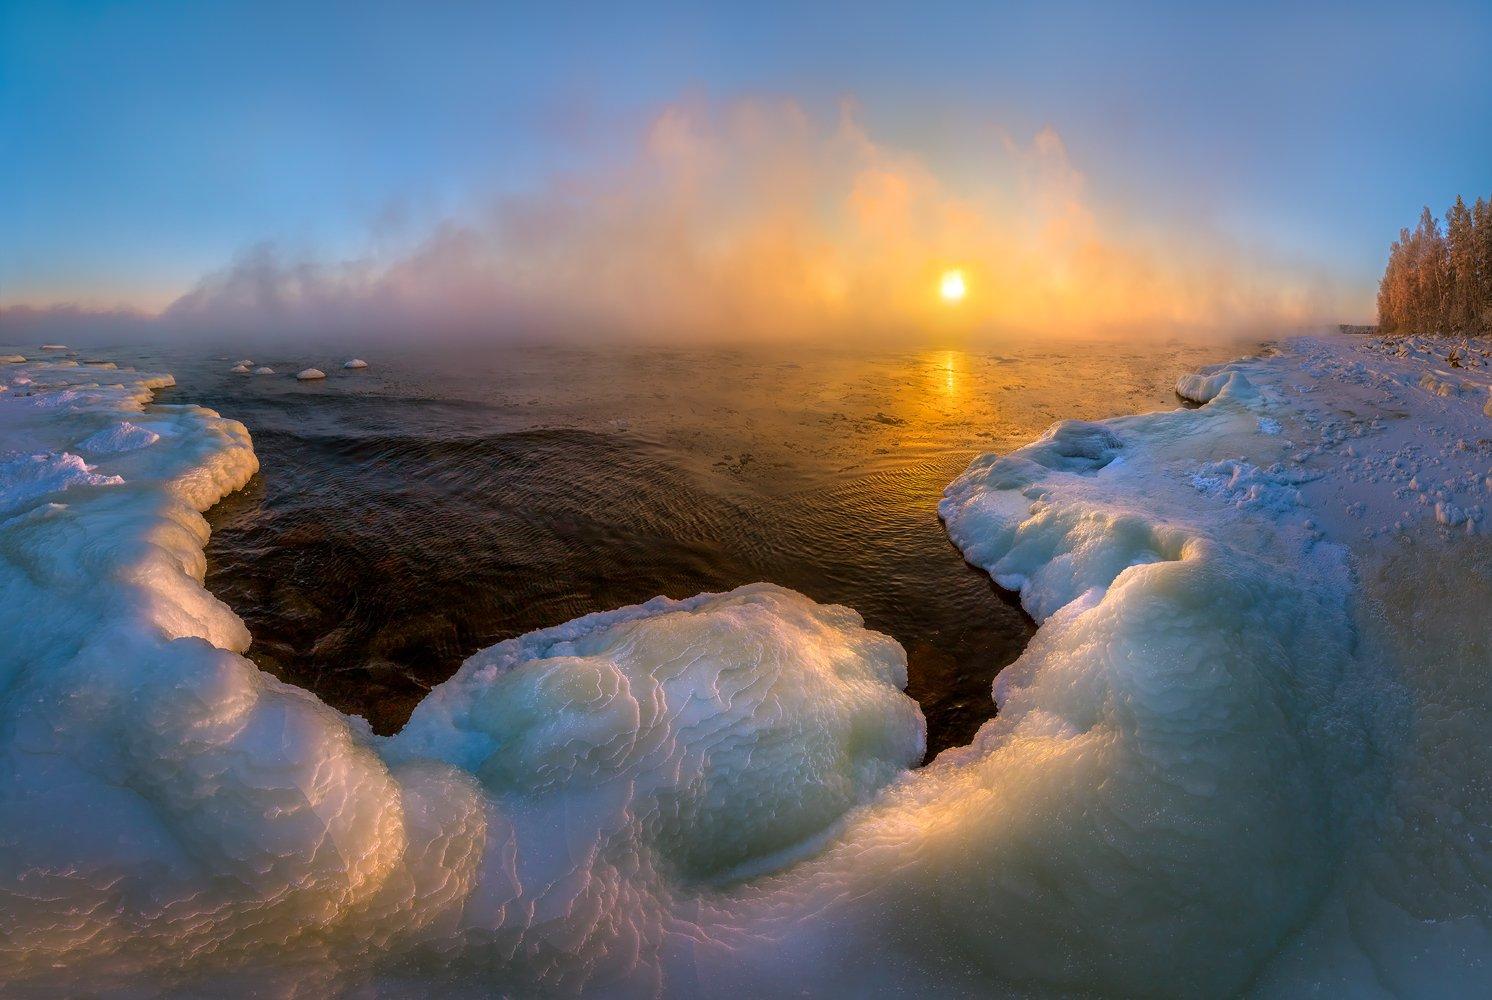 ладожское озеро, лёд, берег, мороз, закат, зима, ленинградская область., Лашков Фёдор